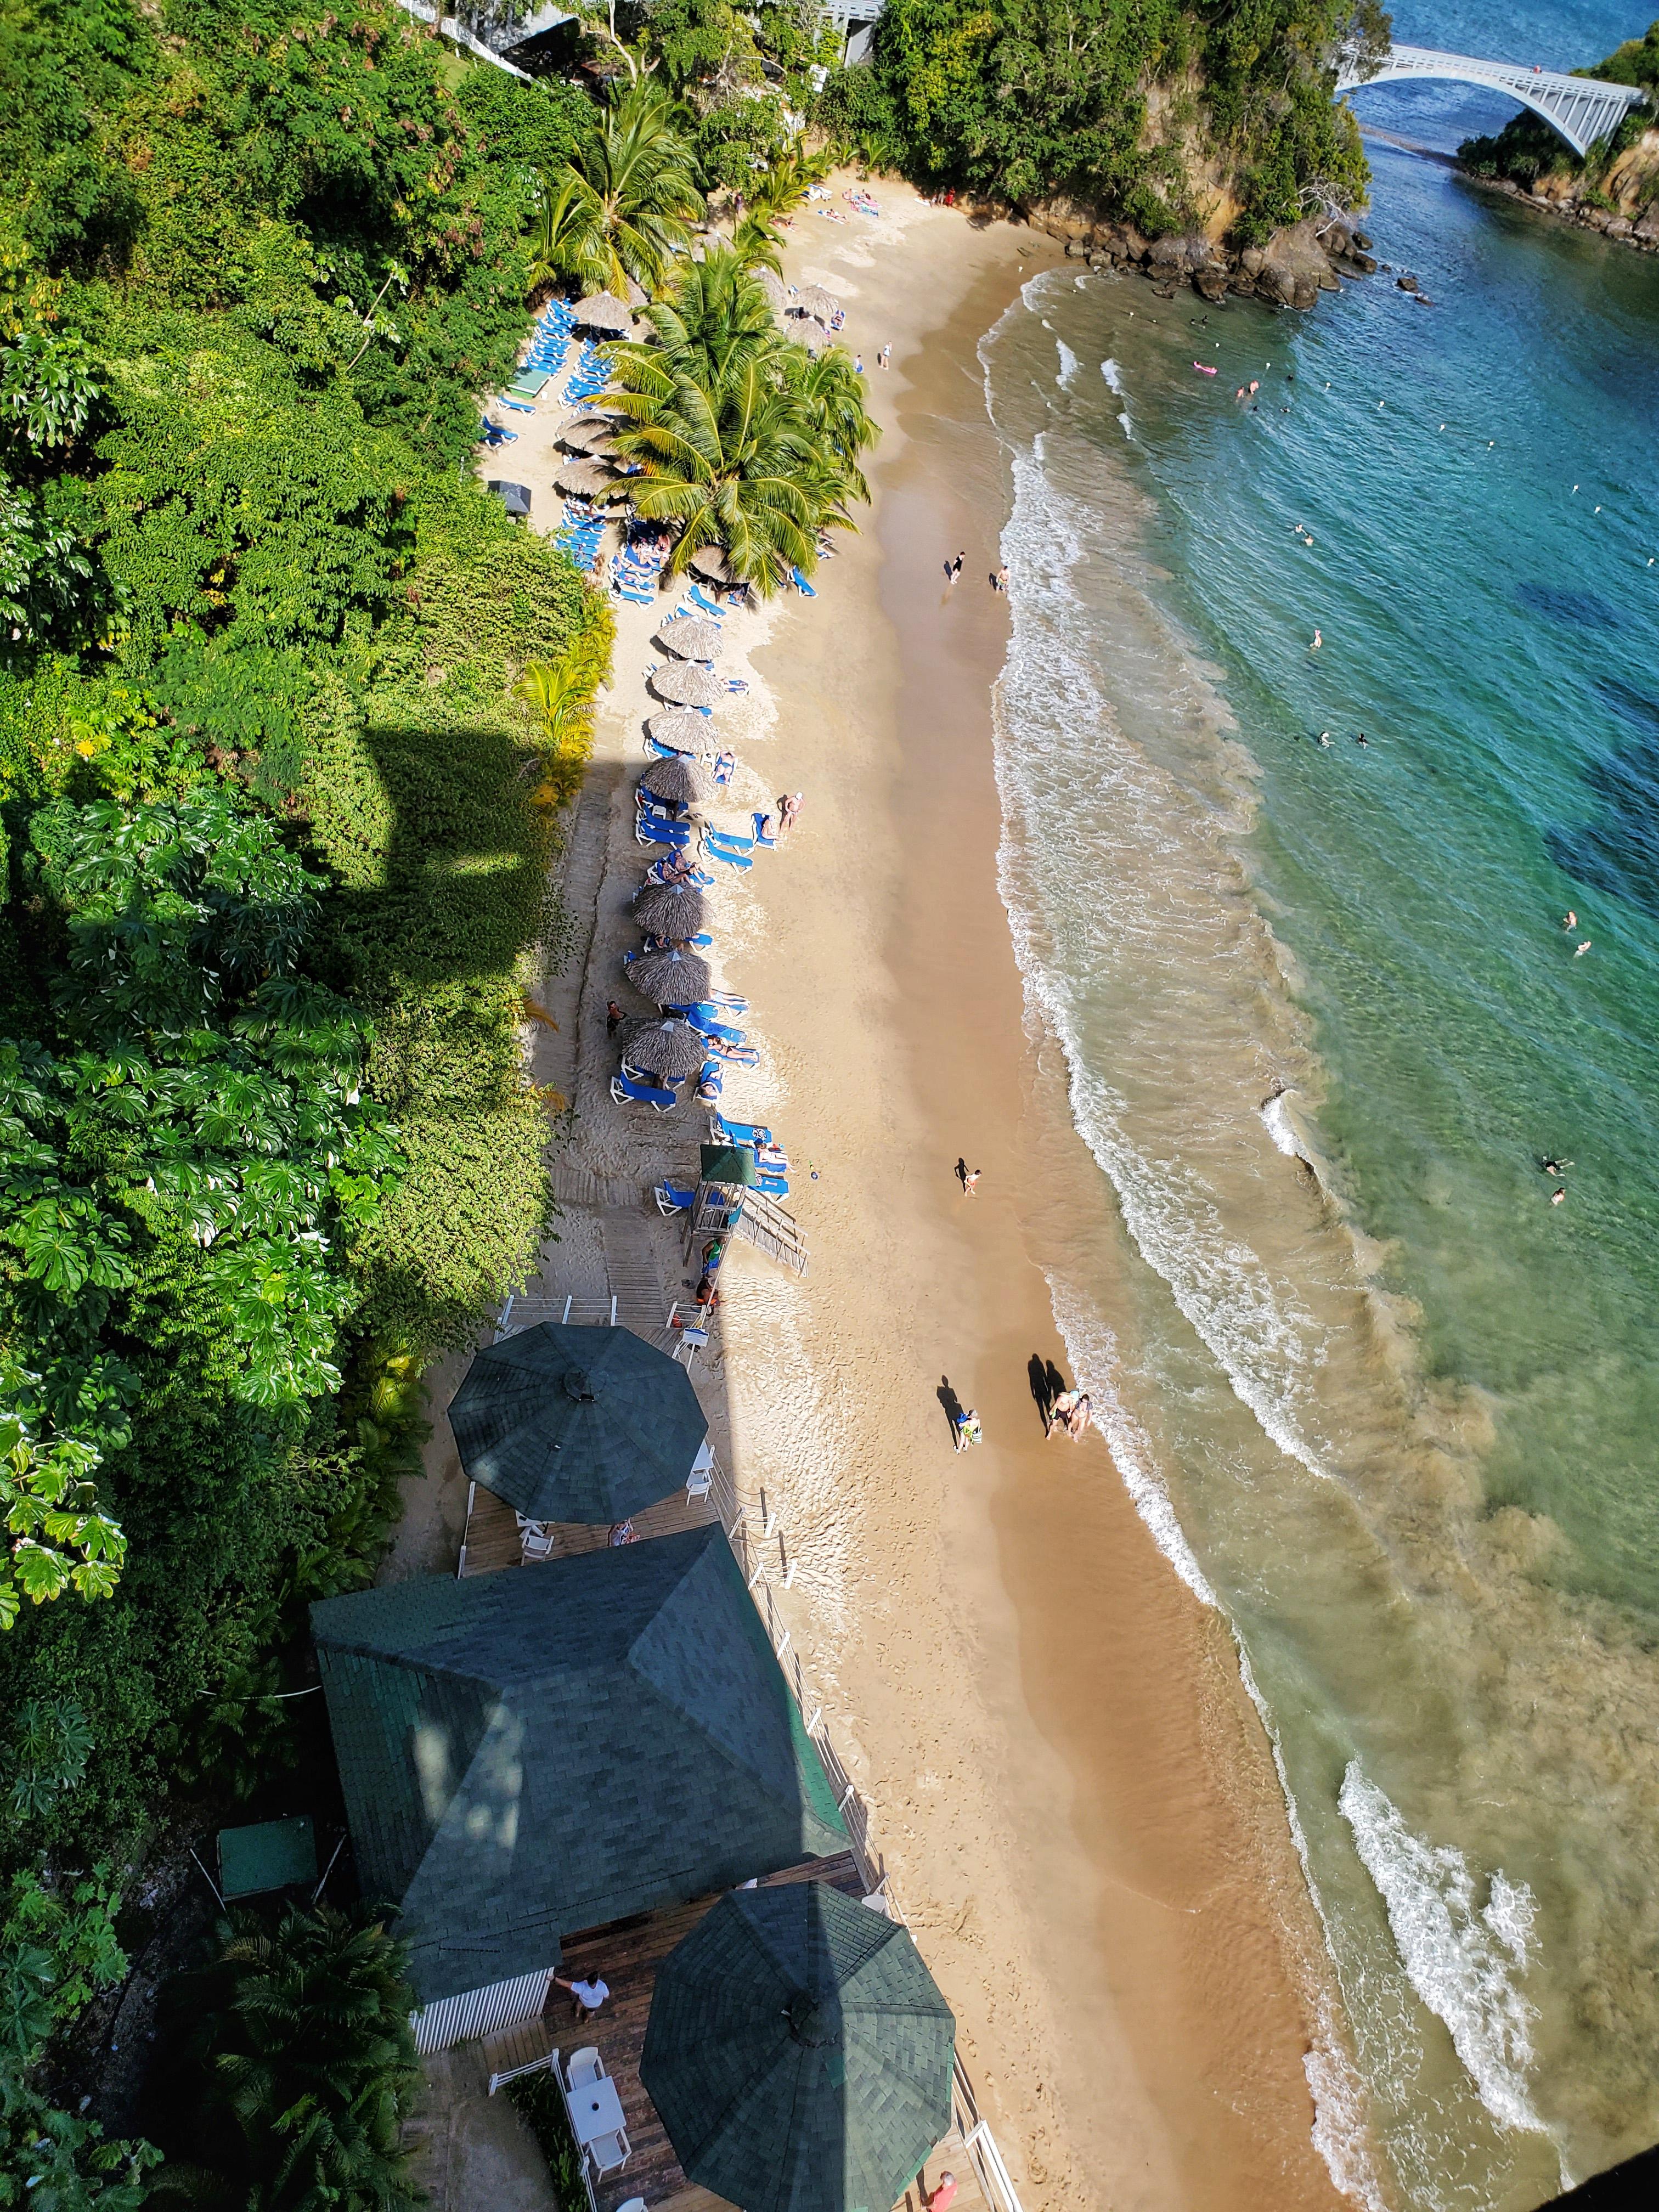 Beach - overhead view